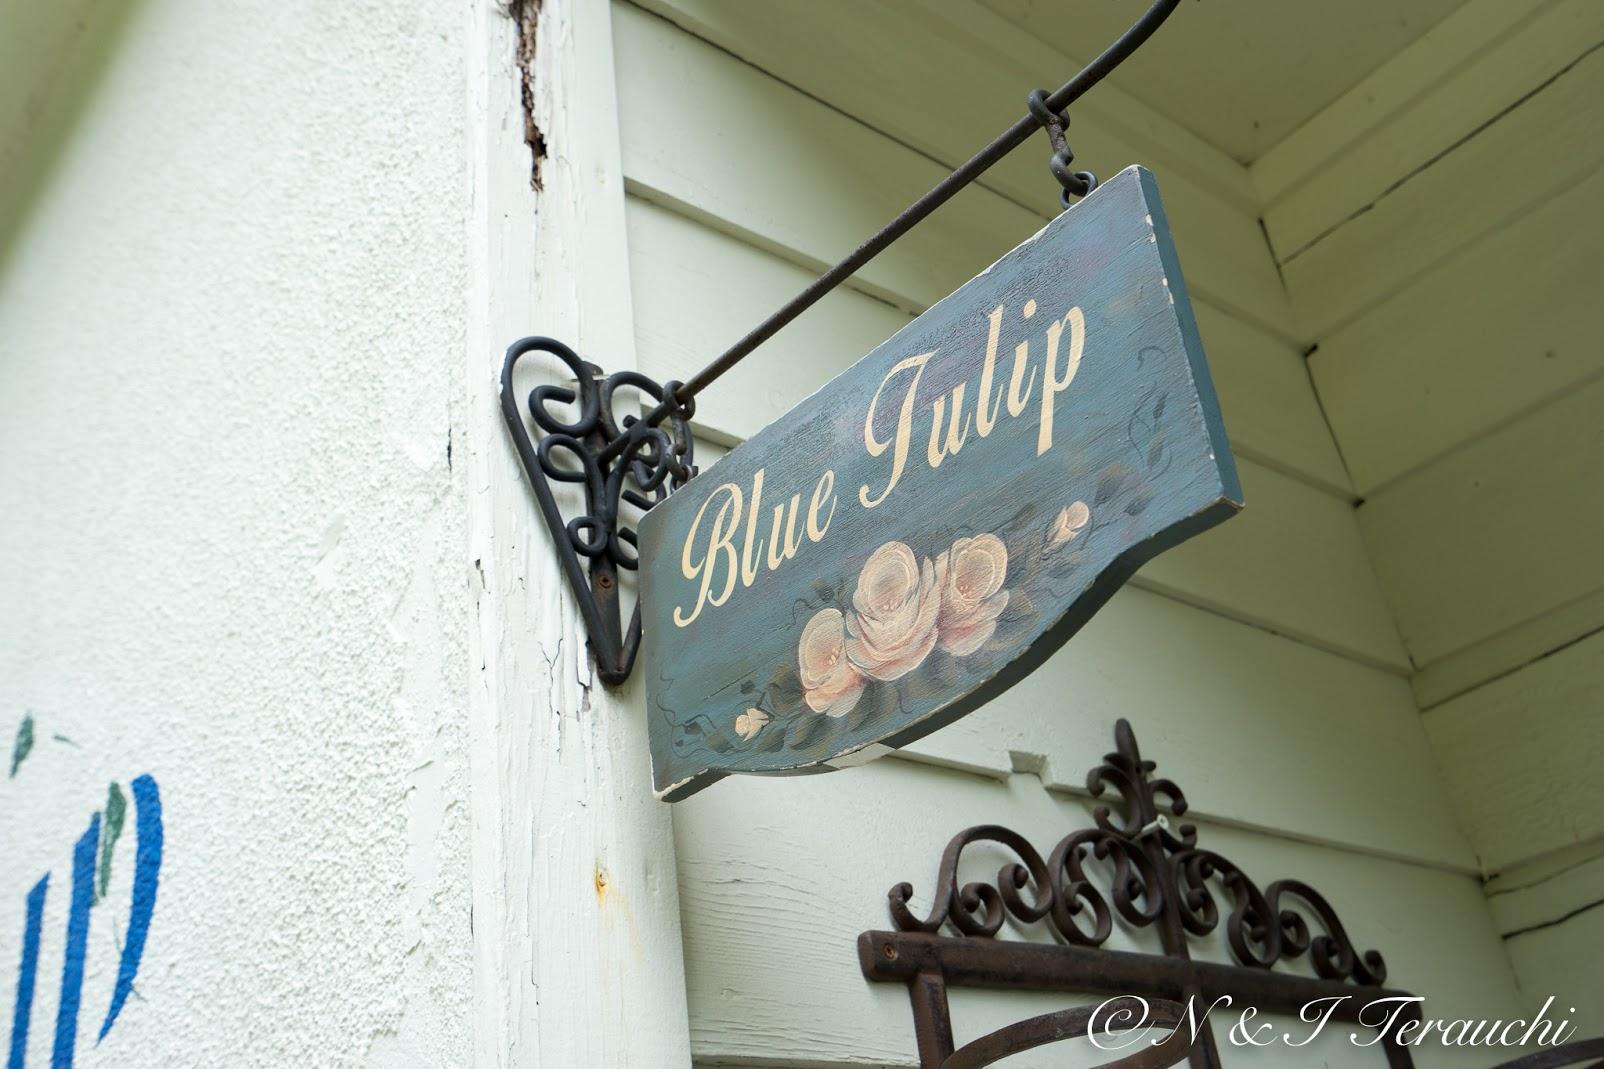 ブルーチューリップ(Blue tulip・札幌市)カフェブルーのお隣に位置する姉妹店の雑貨屋さん